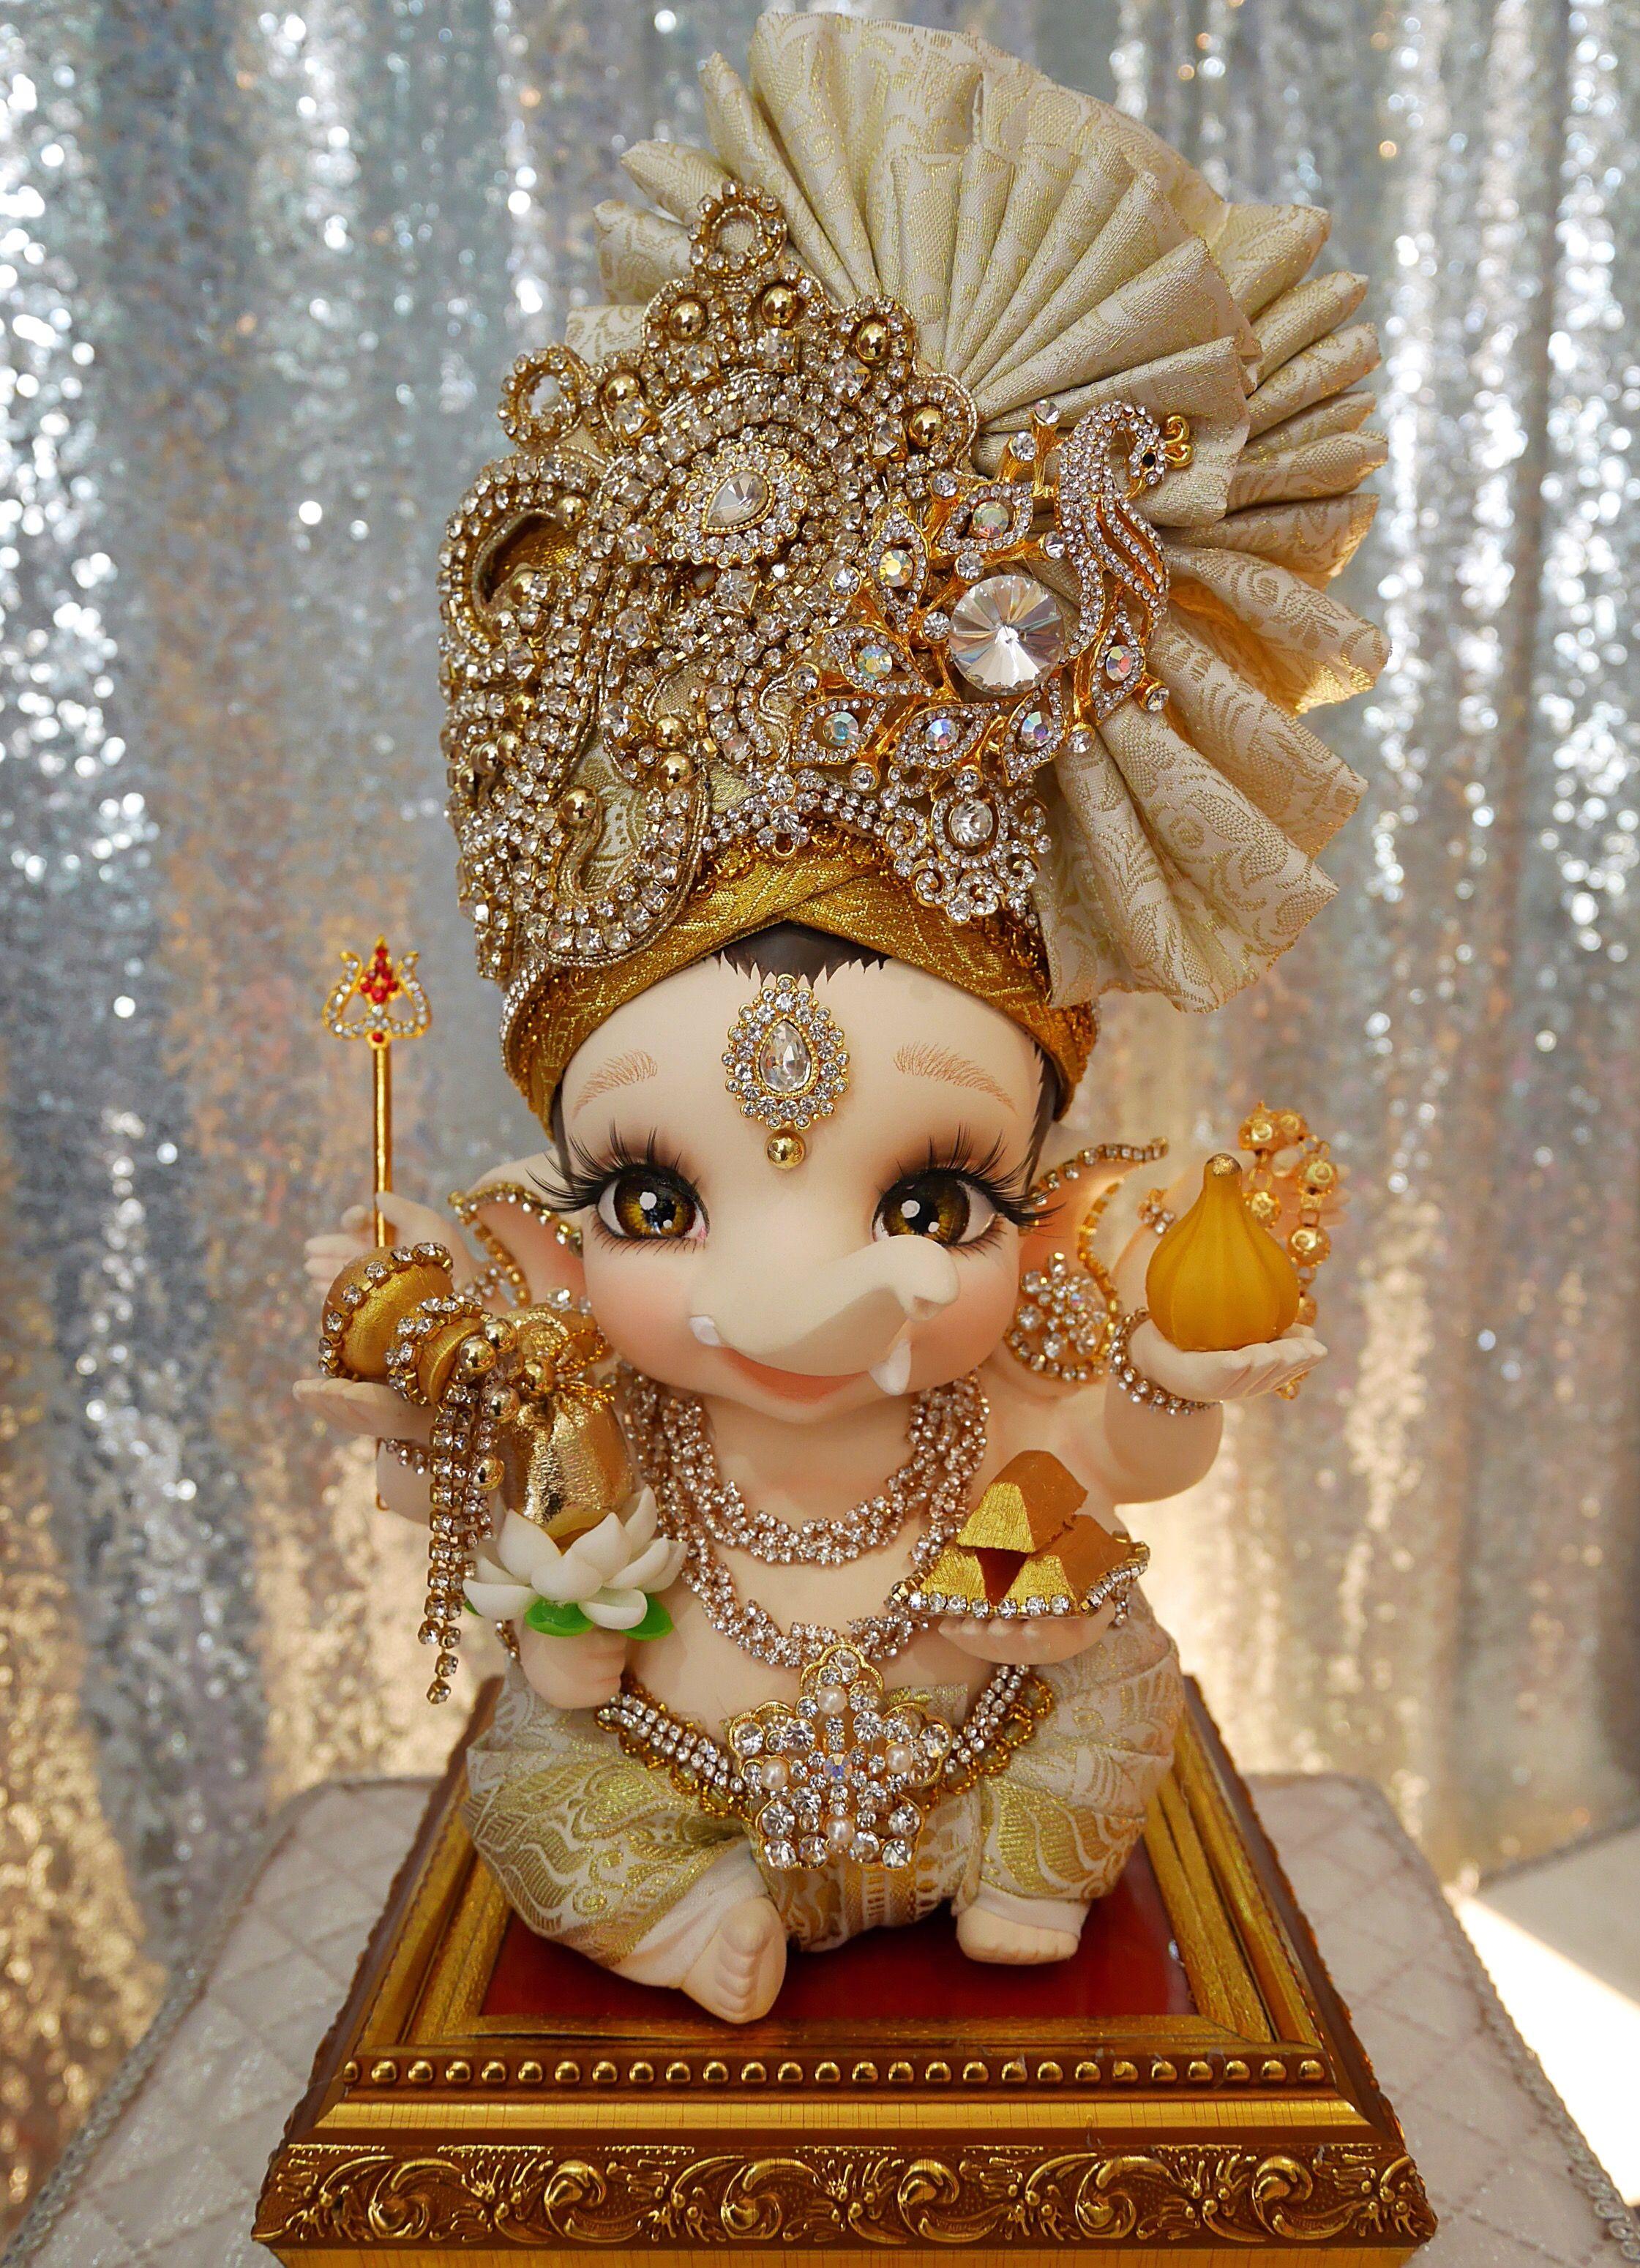 Pin By Chandrakala On Ganesh Baby Ganesha Ganesha Pictures Lord Ganesha Paintings